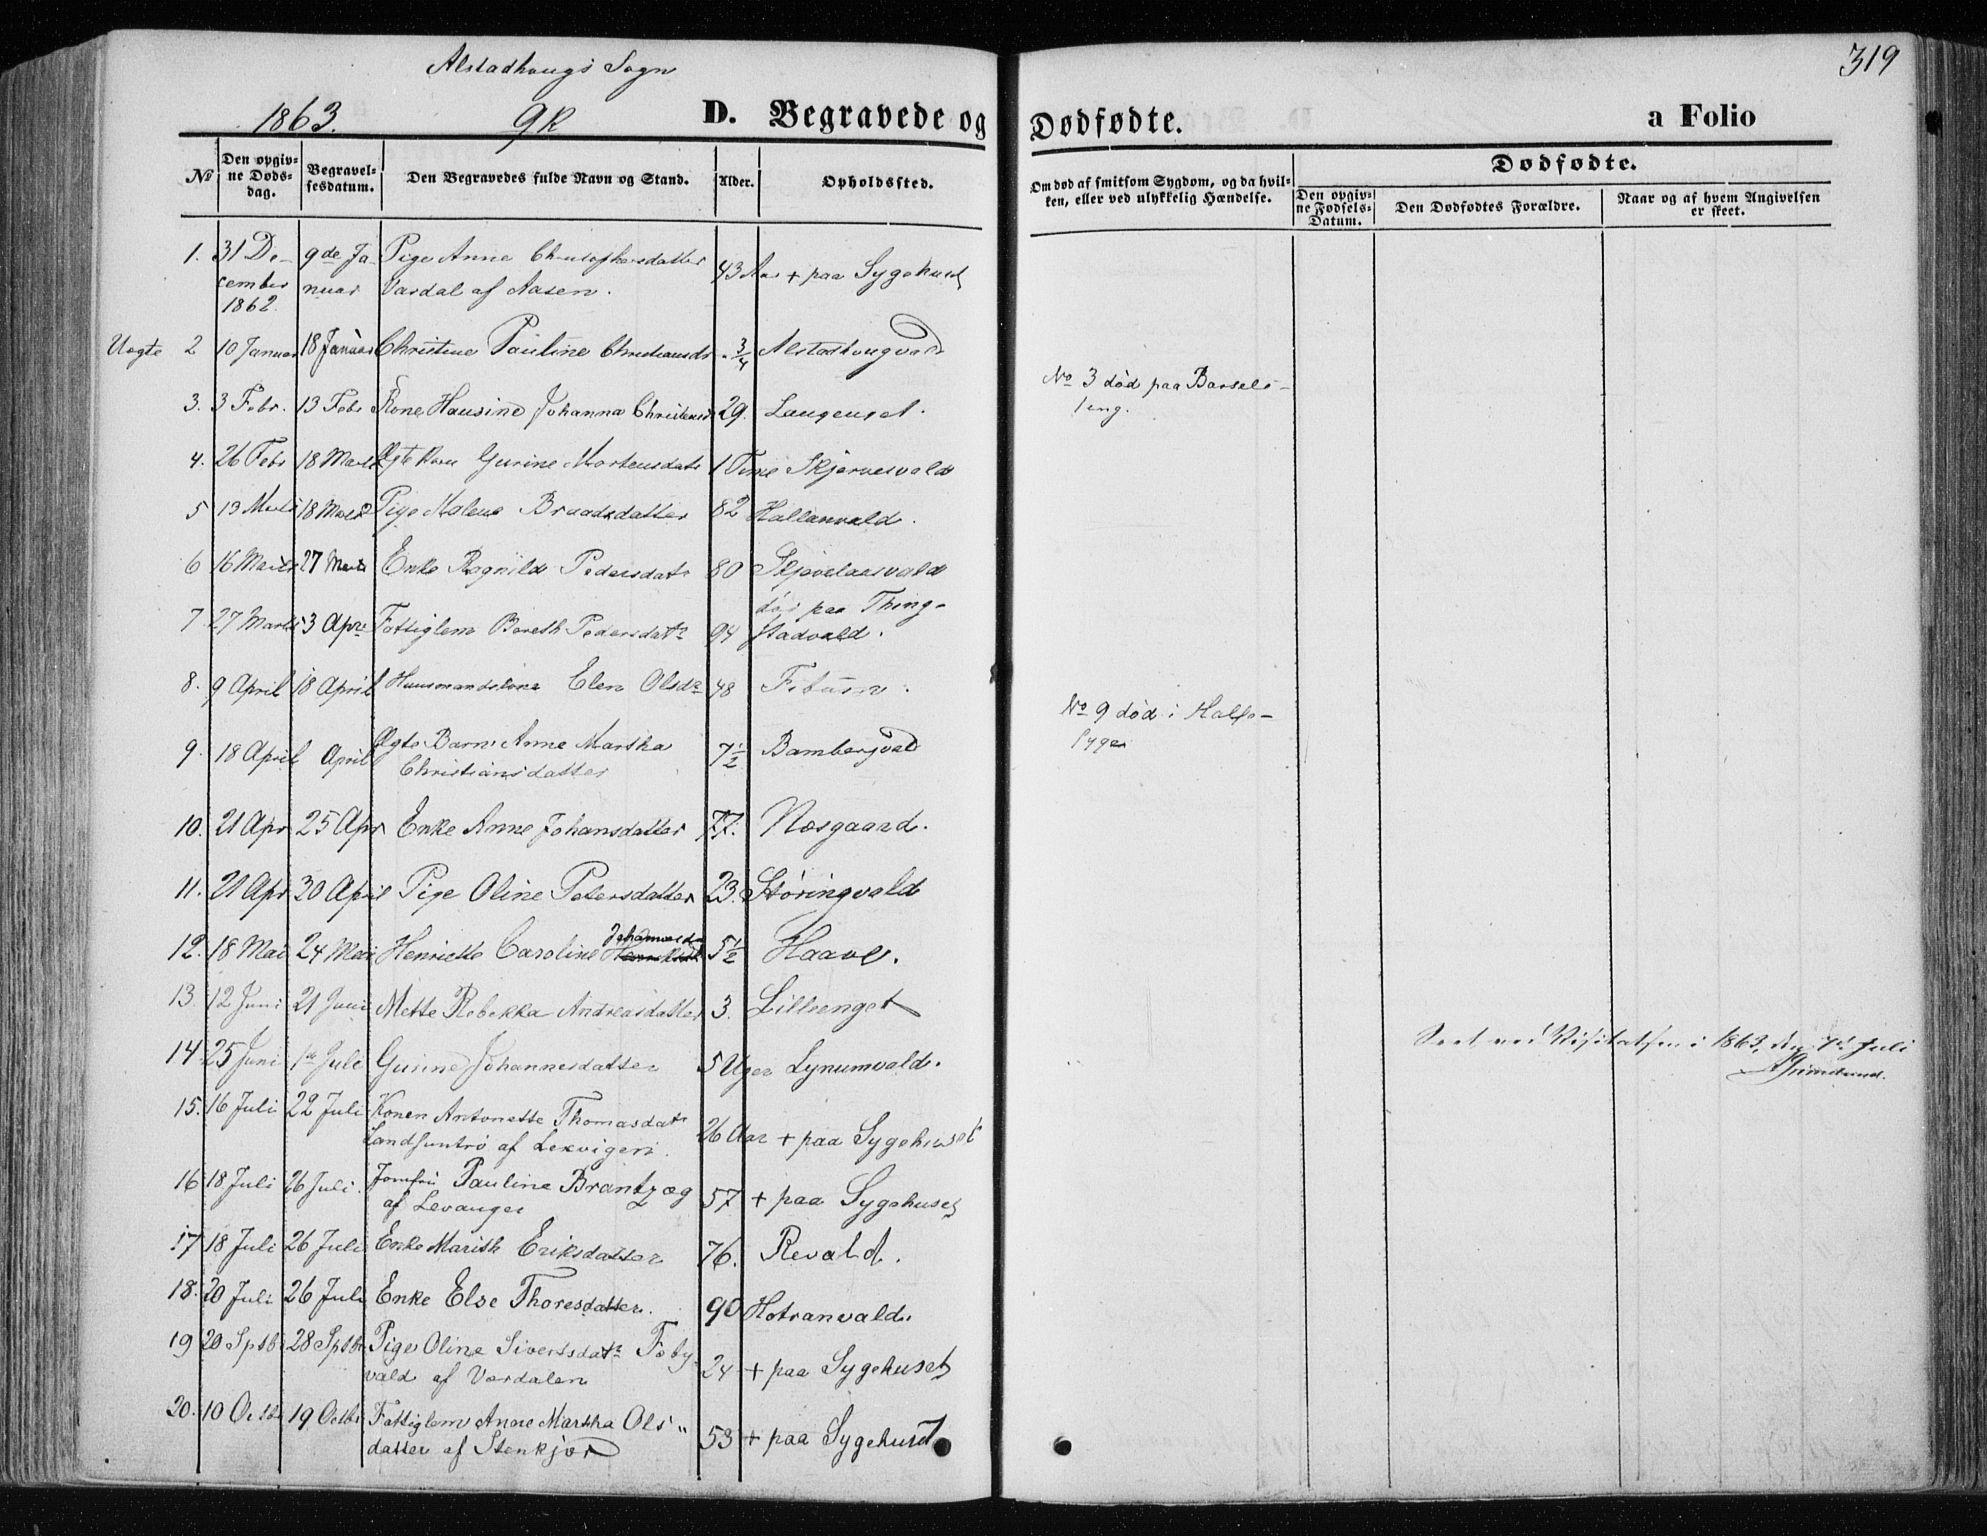 SAT, Ministerialprotokoller, klokkerbøker og fødselsregistre - Nord-Trøndelag, 717/L0157: Ministerialbok nr. 717A08 /1, 1863-1877, s. 319